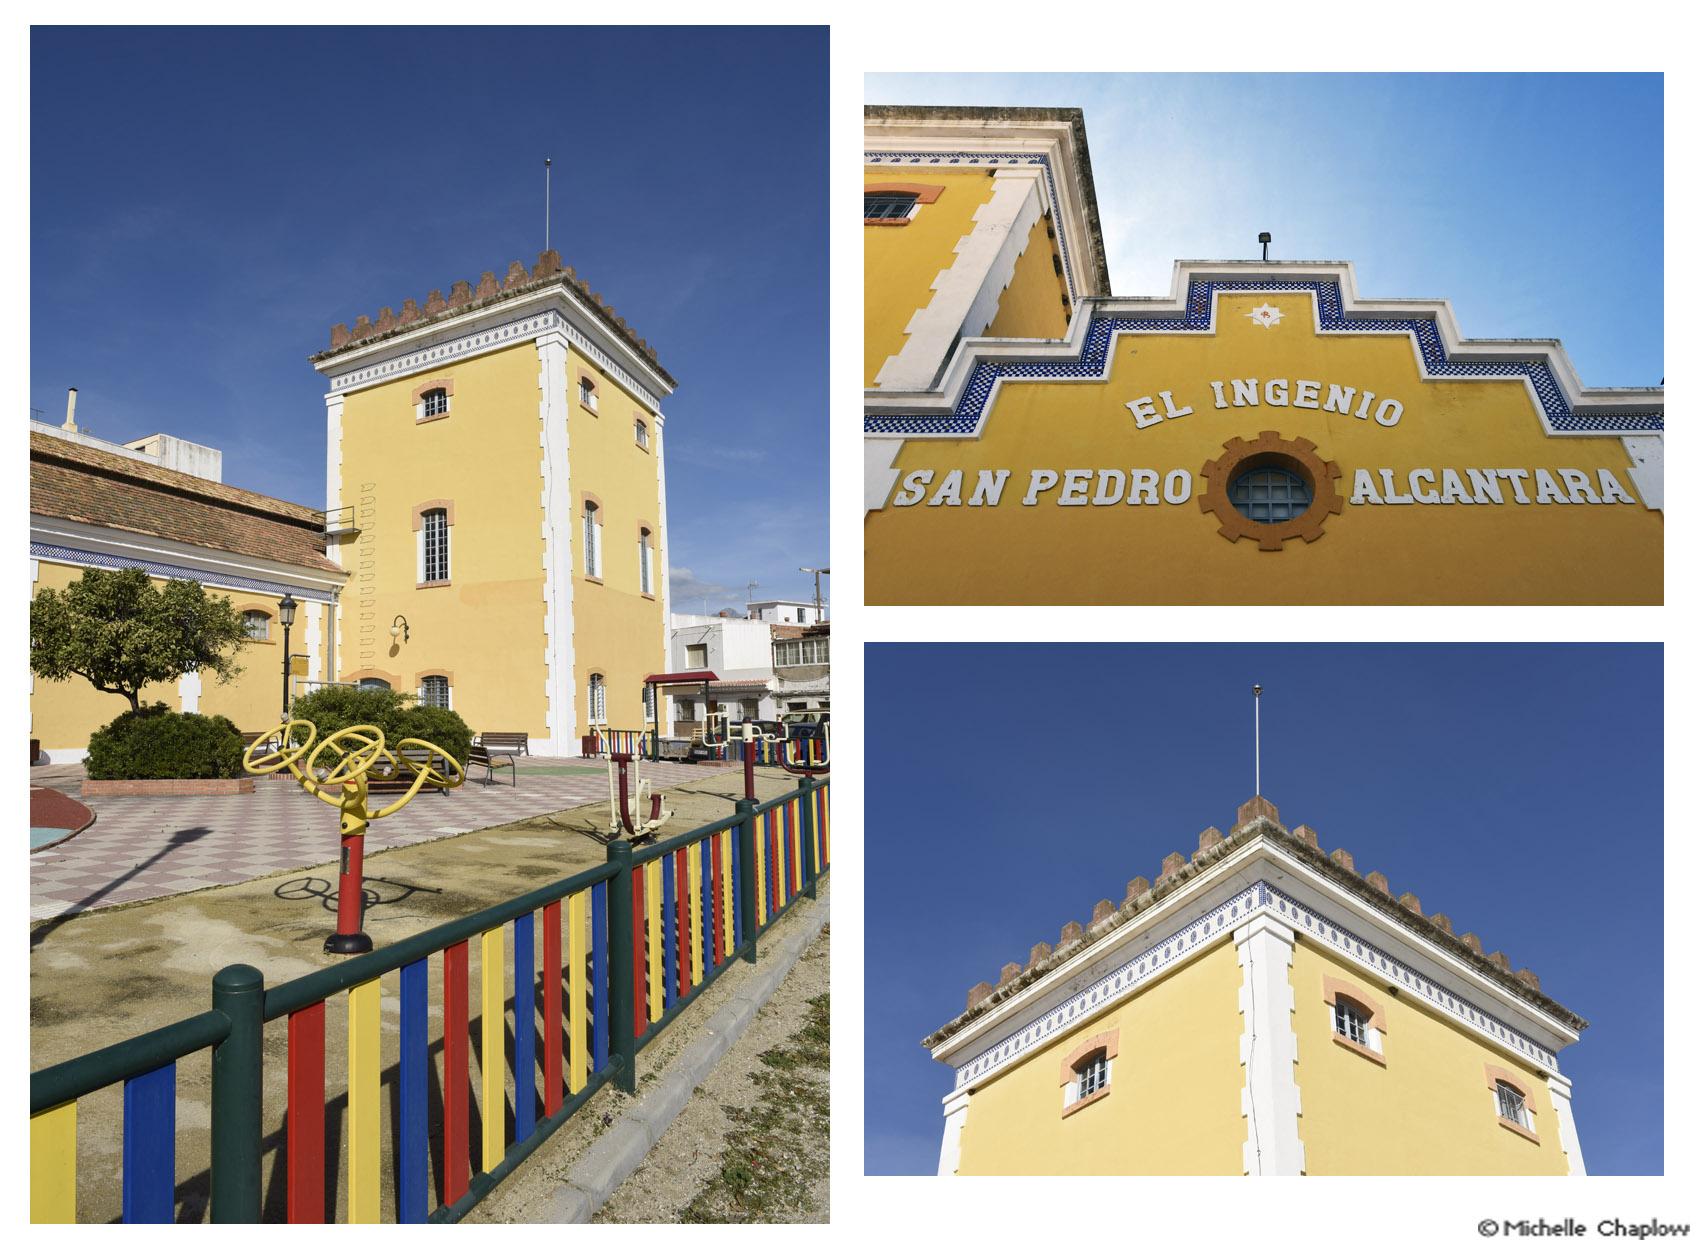 El Ingenio San Pedro, the original sugar factory.